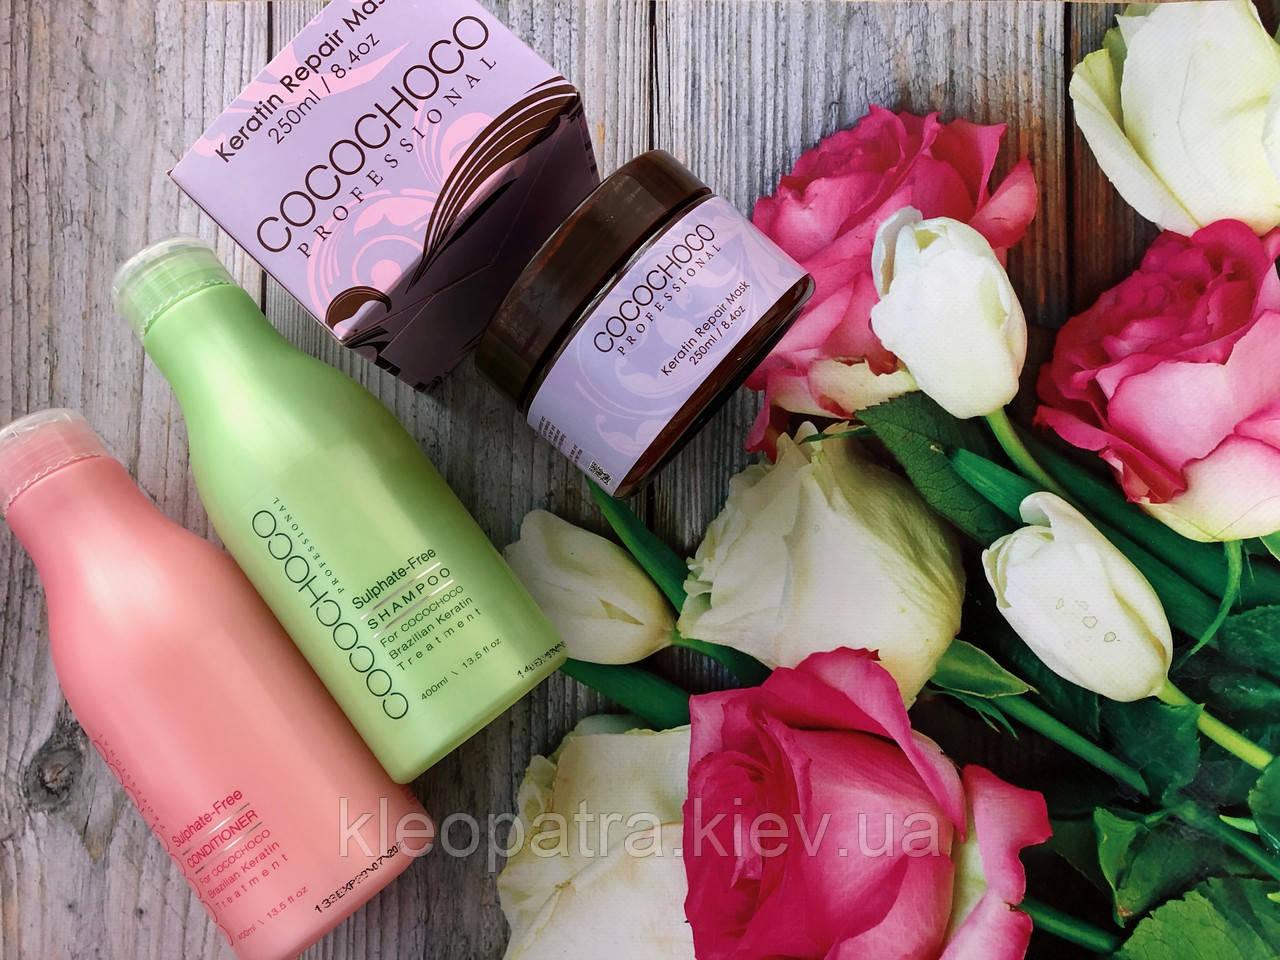 Набор для домашнего ухода Cocochoco шампунь, кондиционер , маска